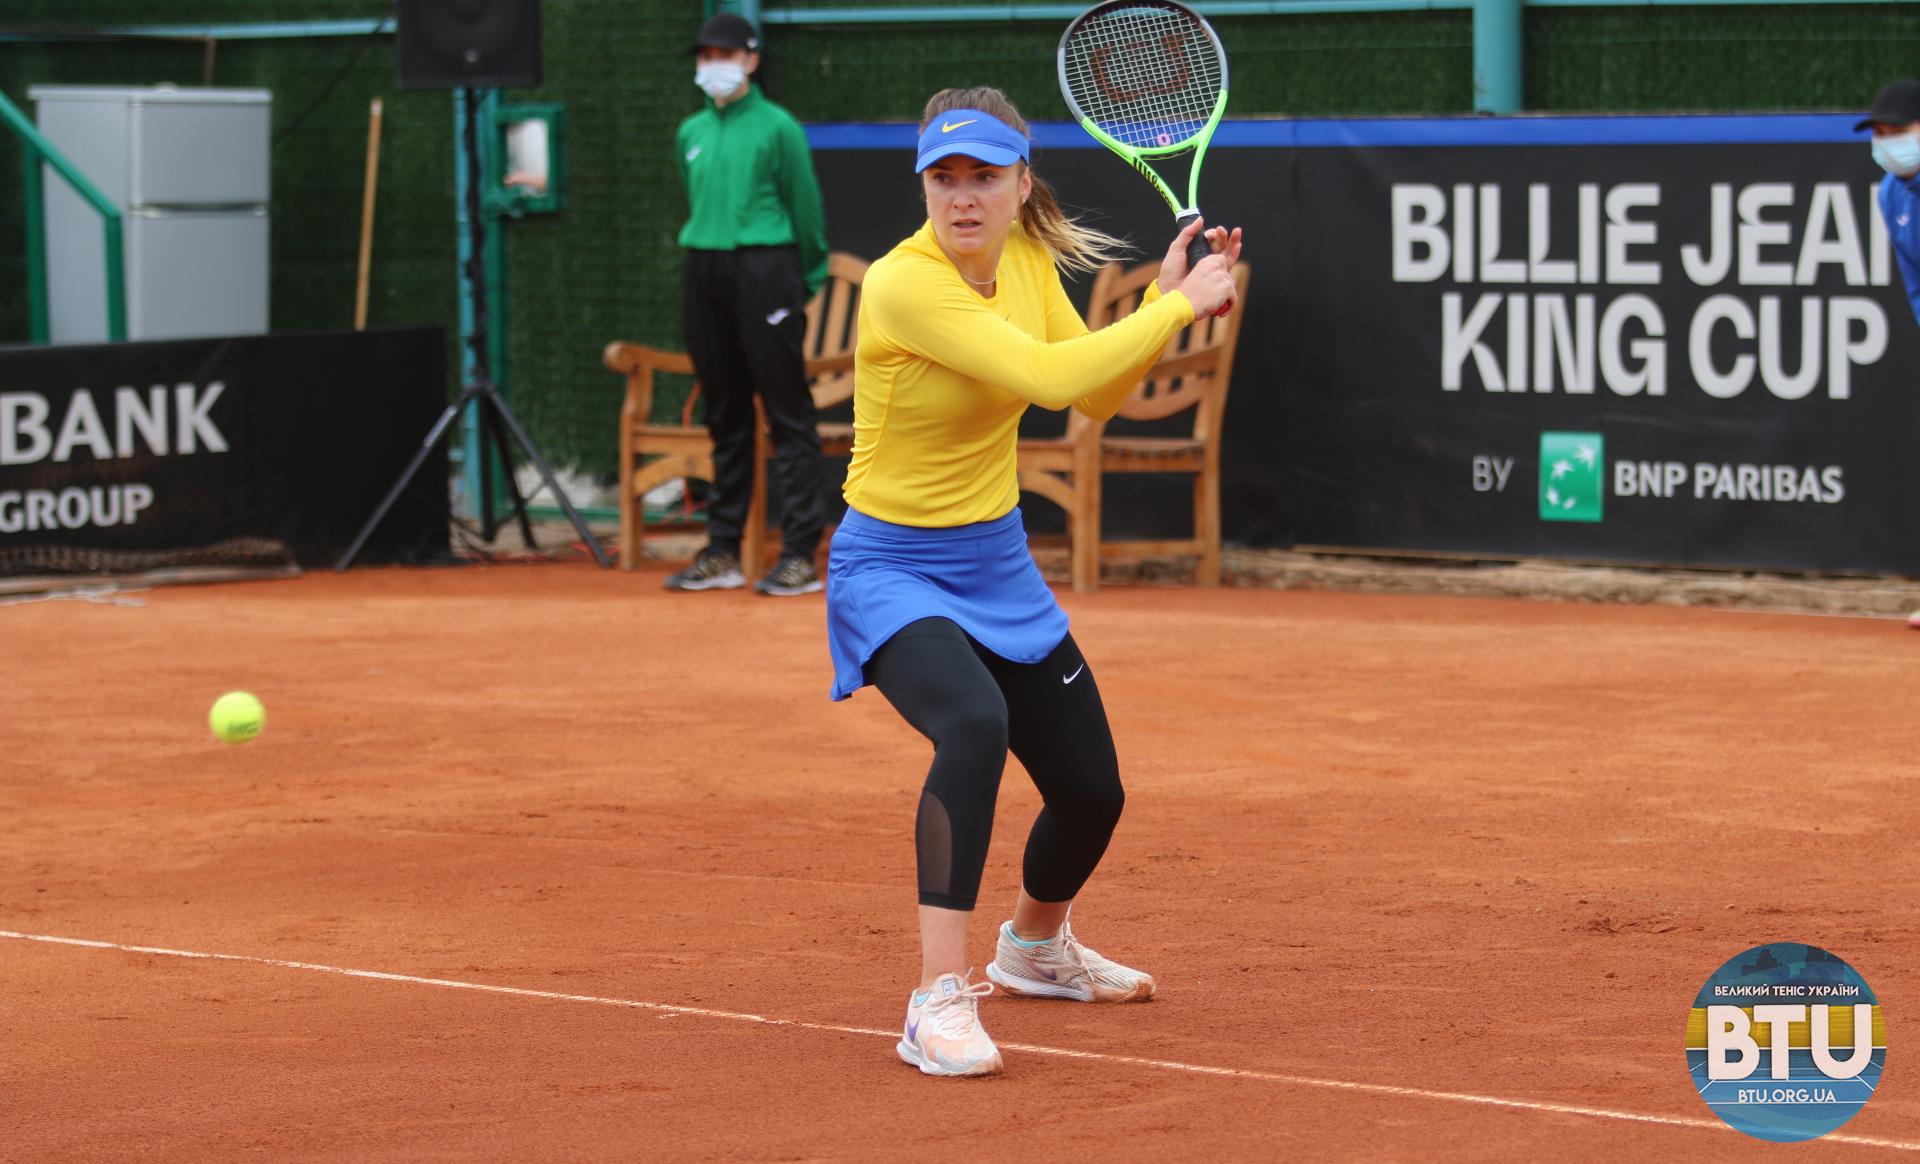 Еліна Світоліна впоралася з суперницею за 80 хвилин / фото btu.org.ua